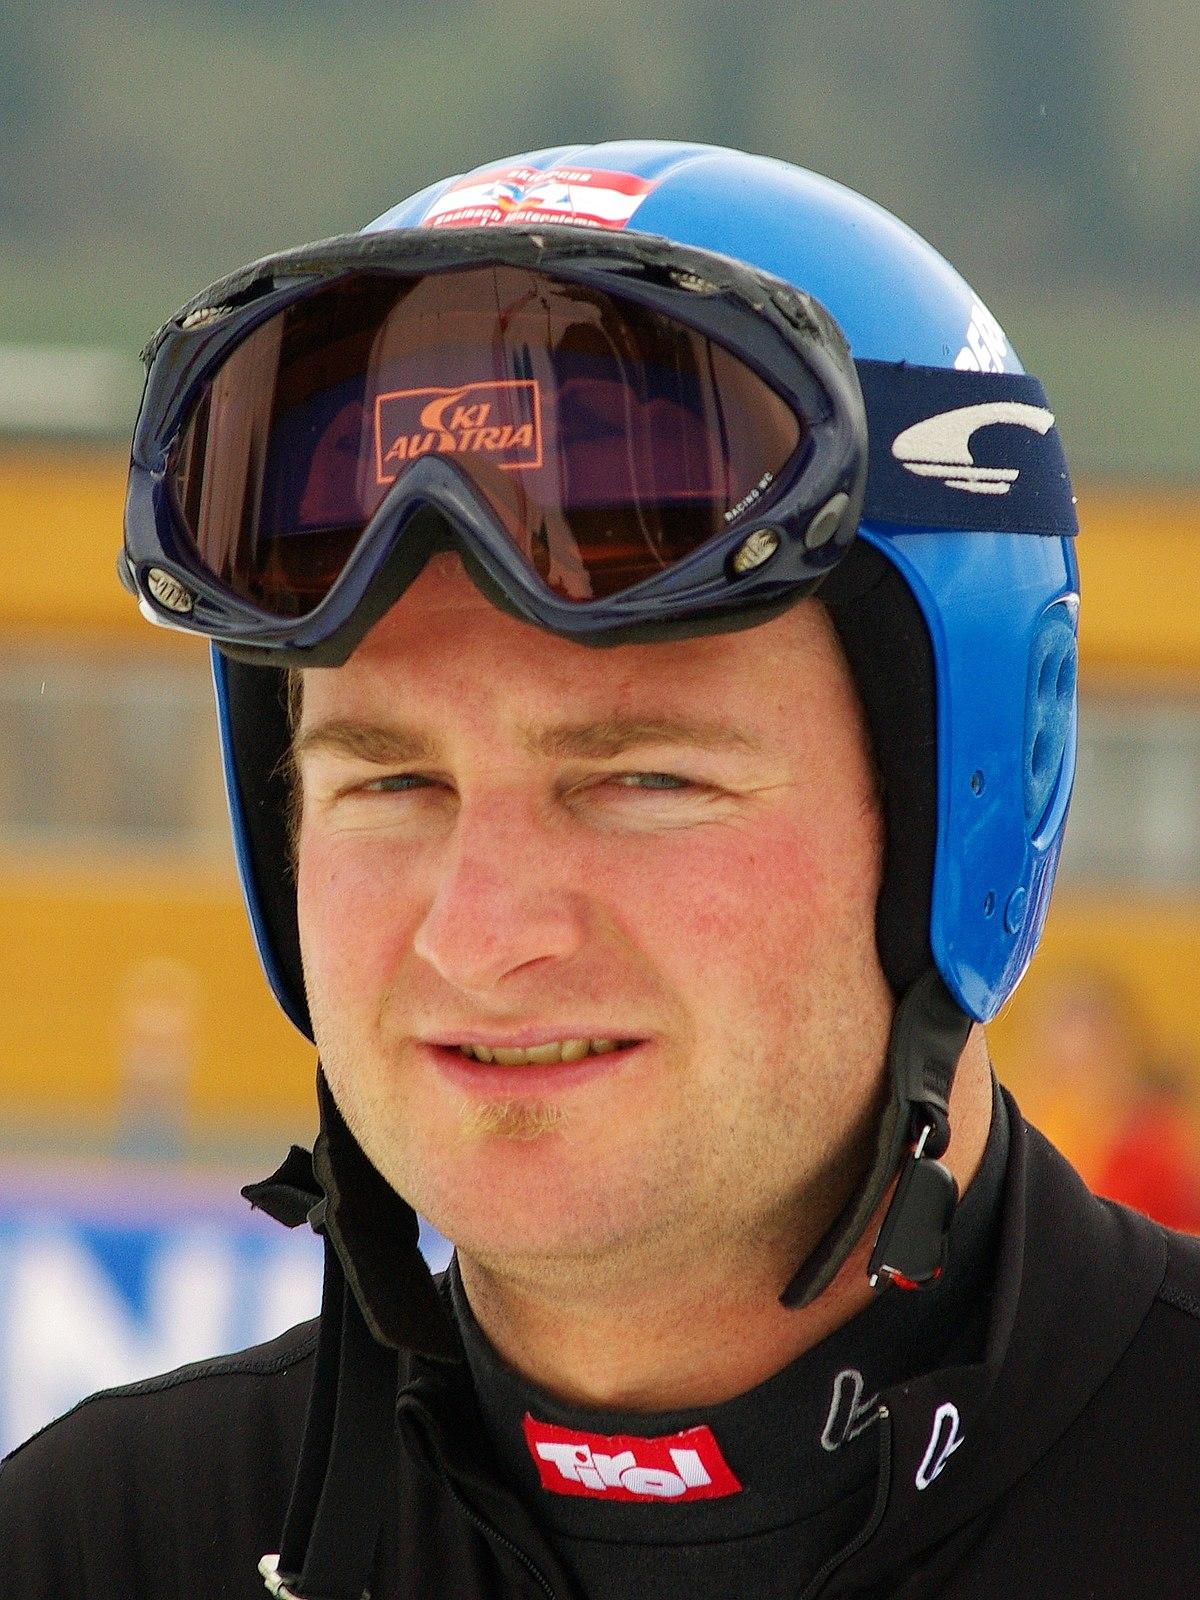 Georg Streitberger